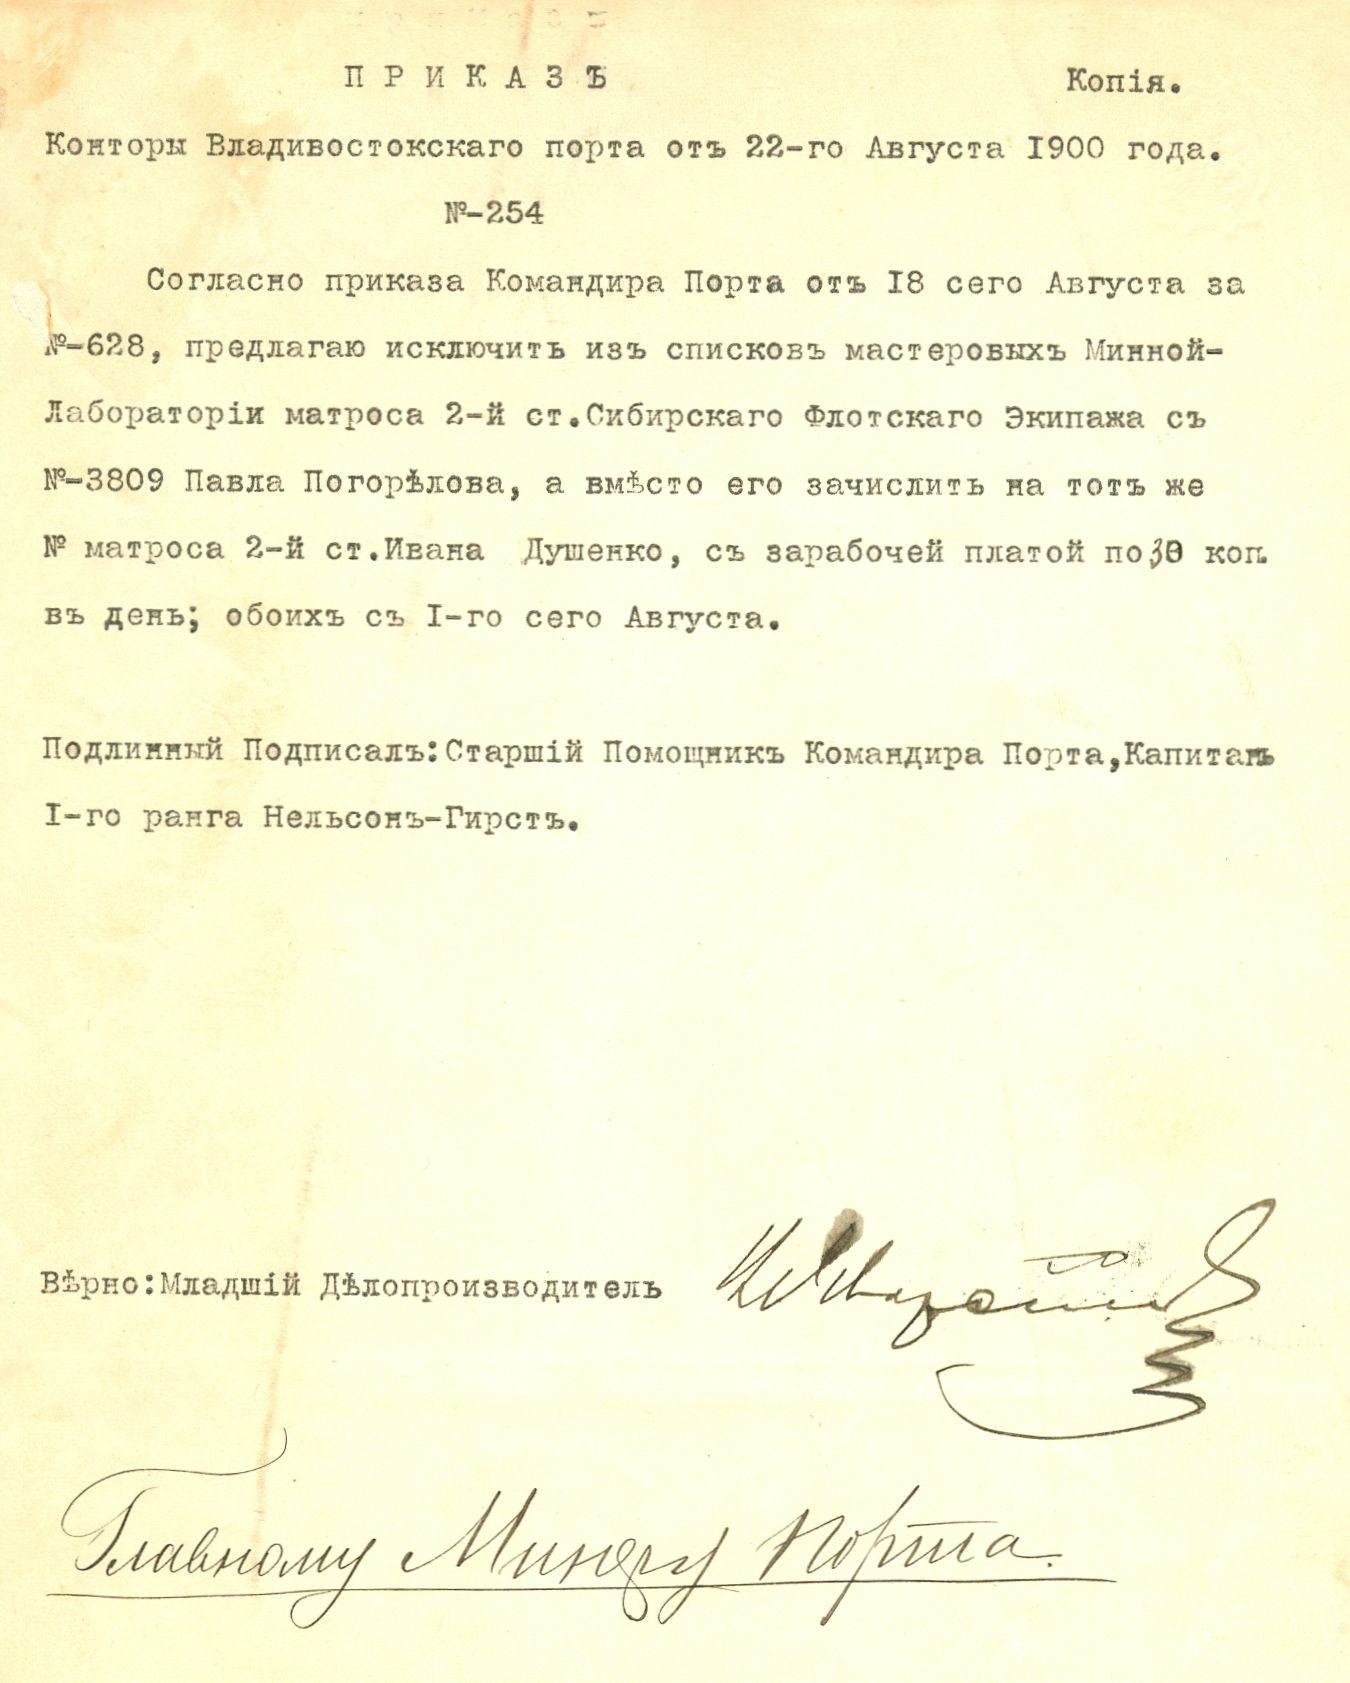 Приказ Конторы <br>Владивостокского порта № 254